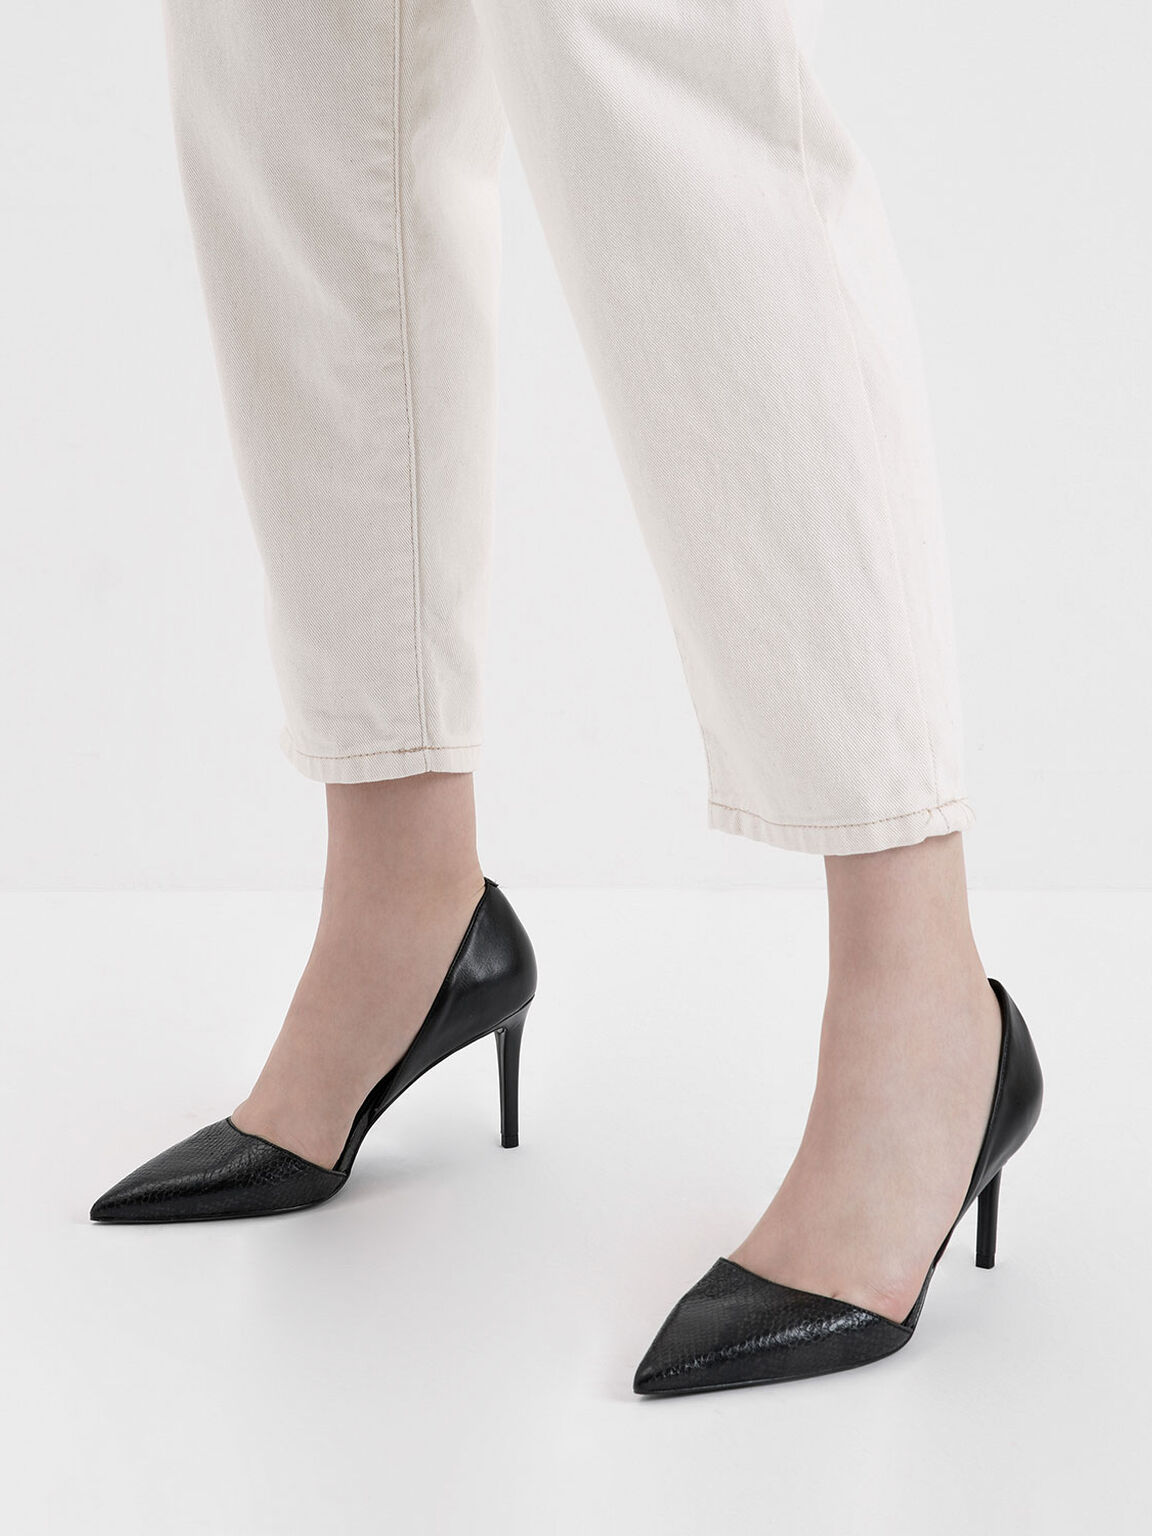 蛇紋尖頭細跟鞋, 黑色, hi-res